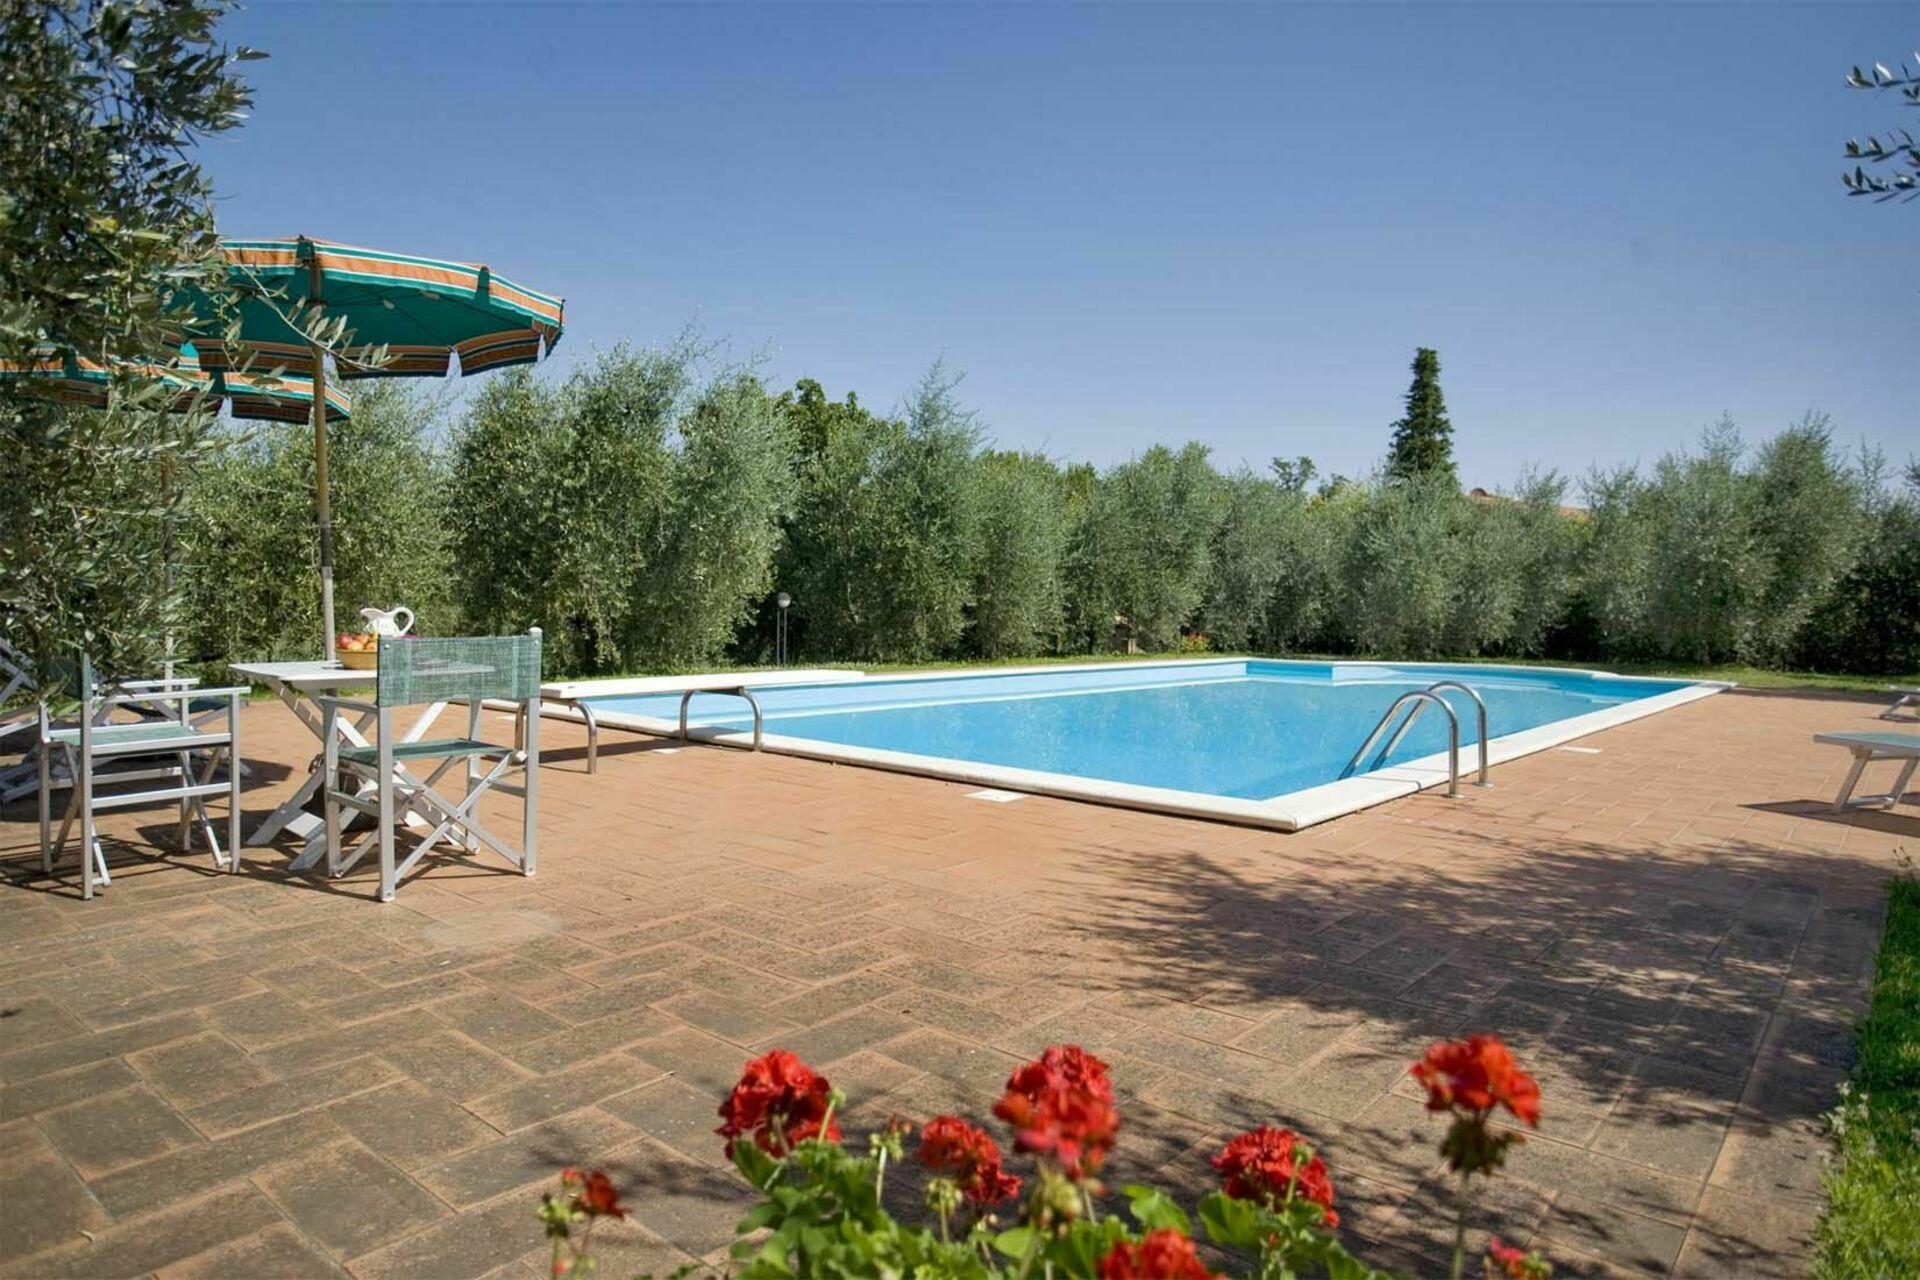 La fonte casa vacanze con 8 posti letto in 4 camere for Branson cabin rentals 4 camere da letto